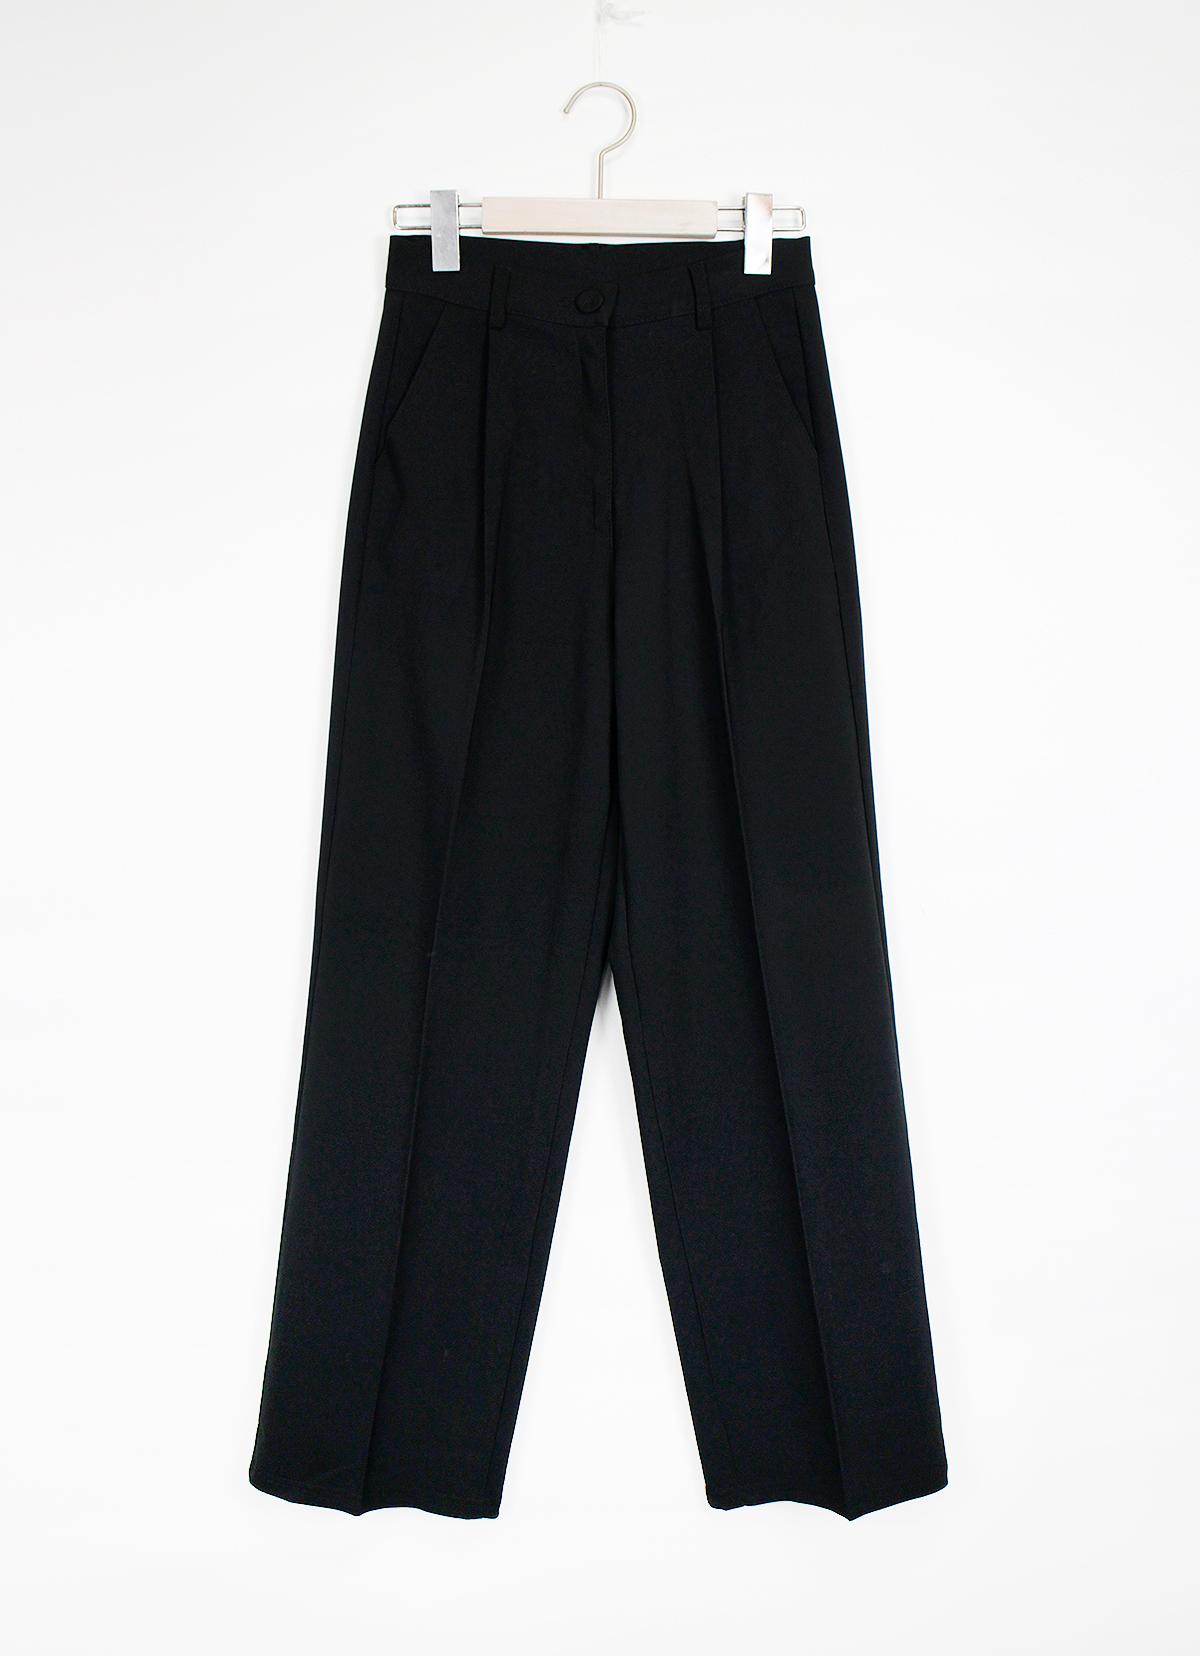 no.5114 mid long slacks